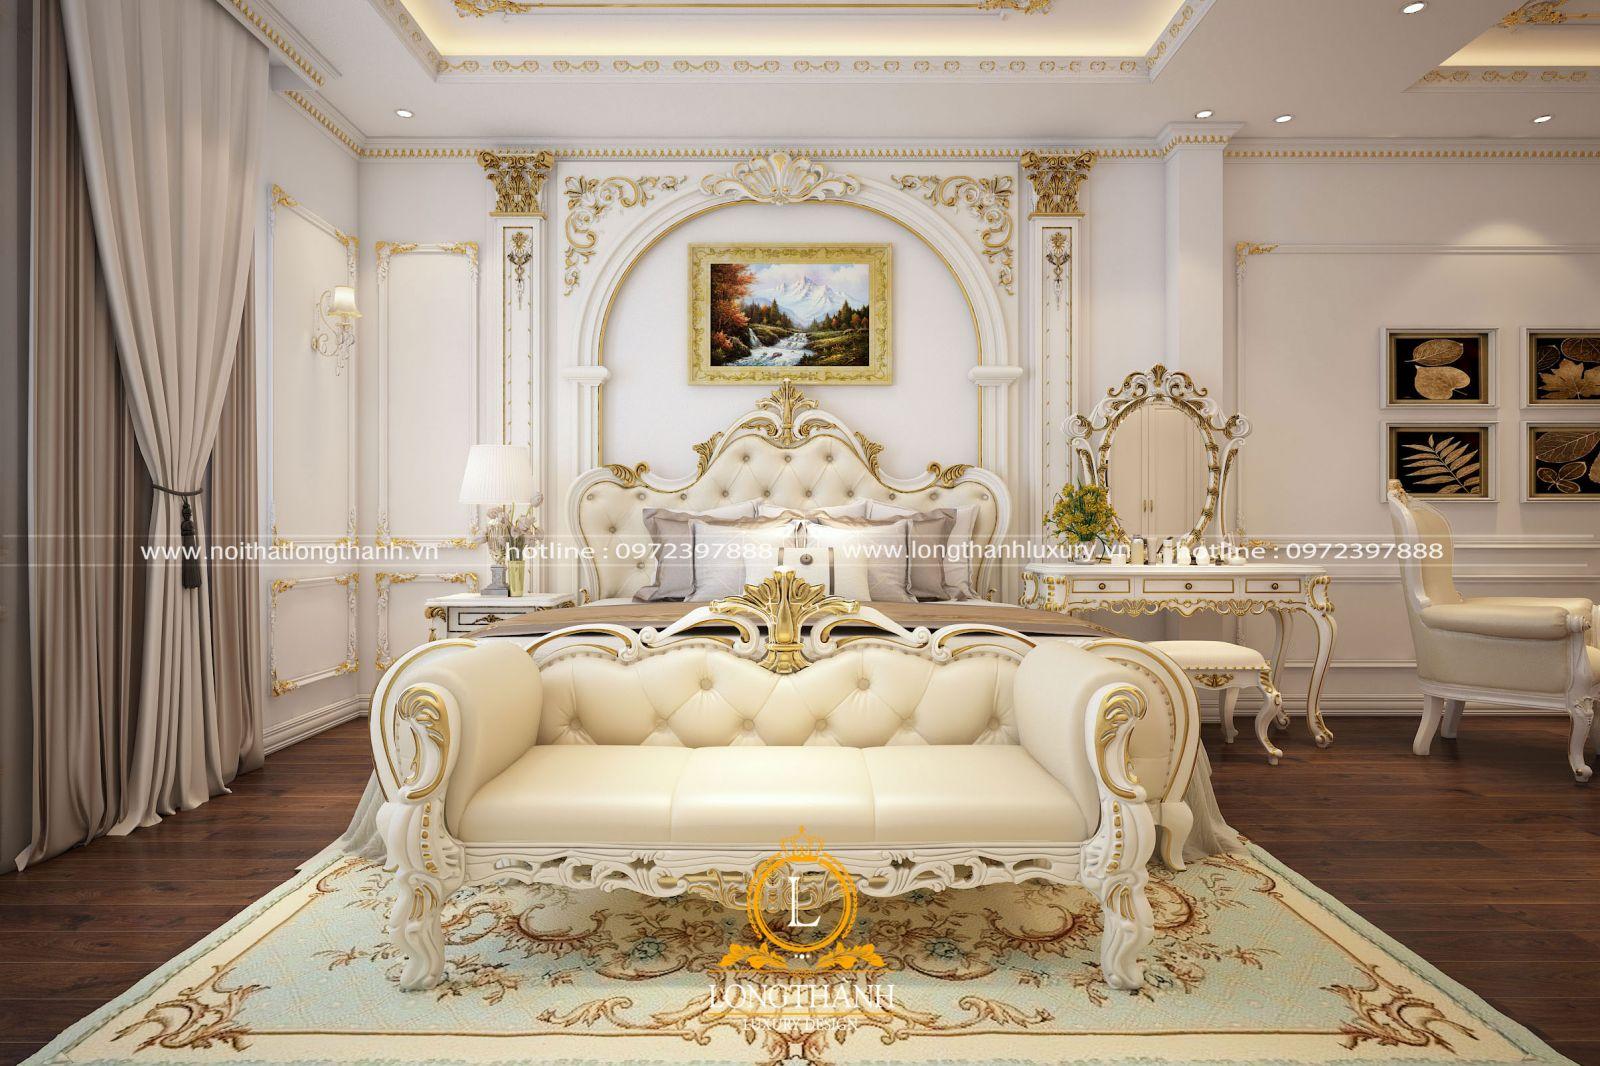 Phòng ngủ master sơn trắng tinh tế